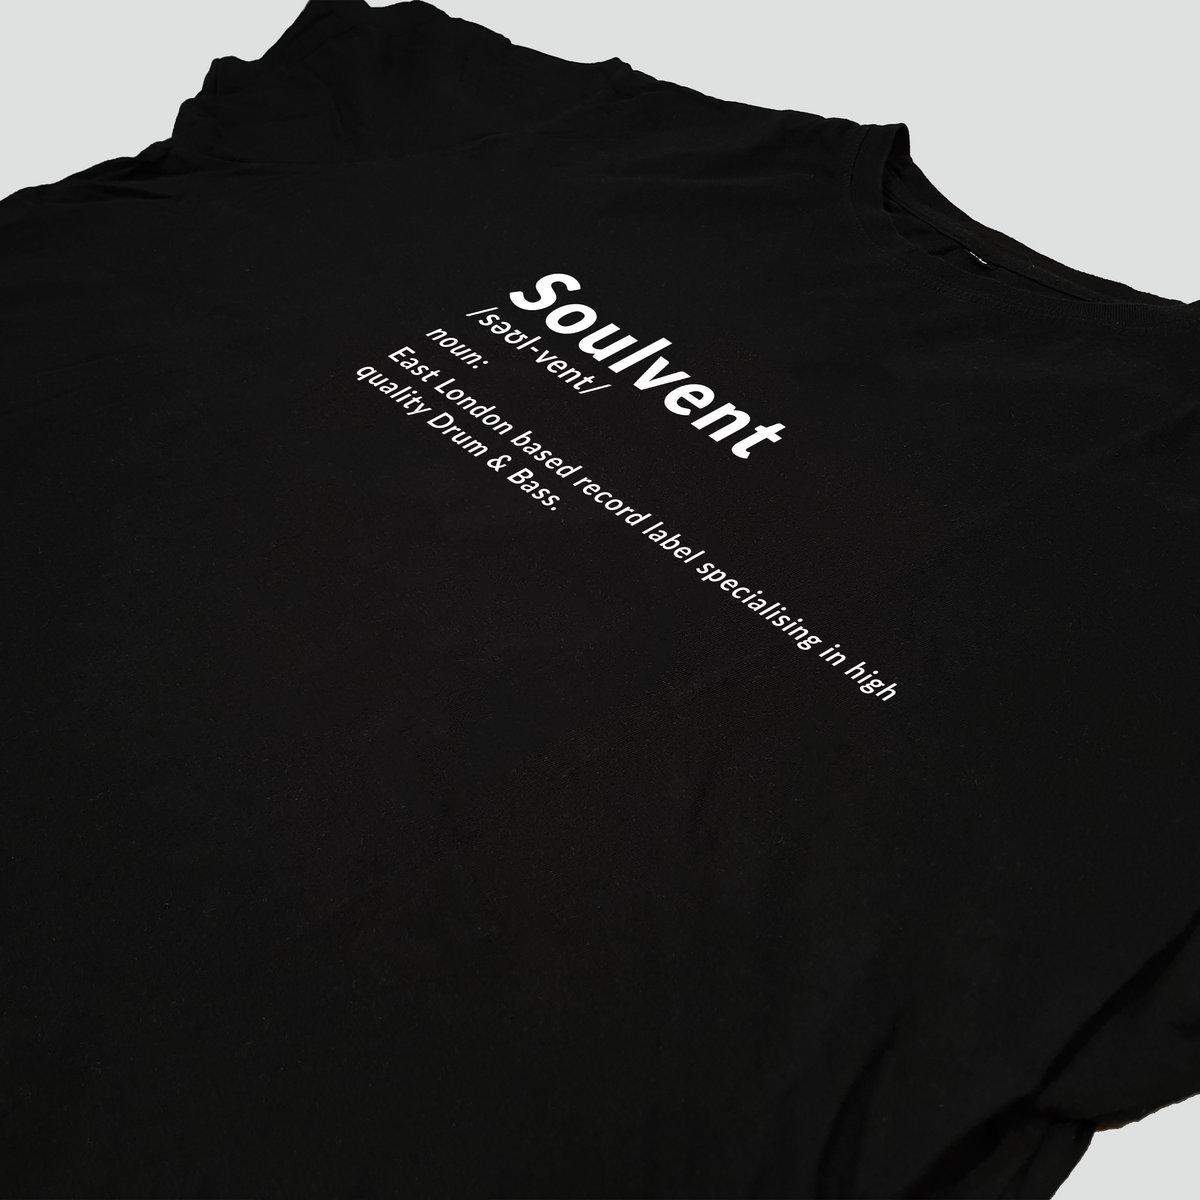 Black Shirts Apush Quizlet | Azərbaycan Dillər Universiteti